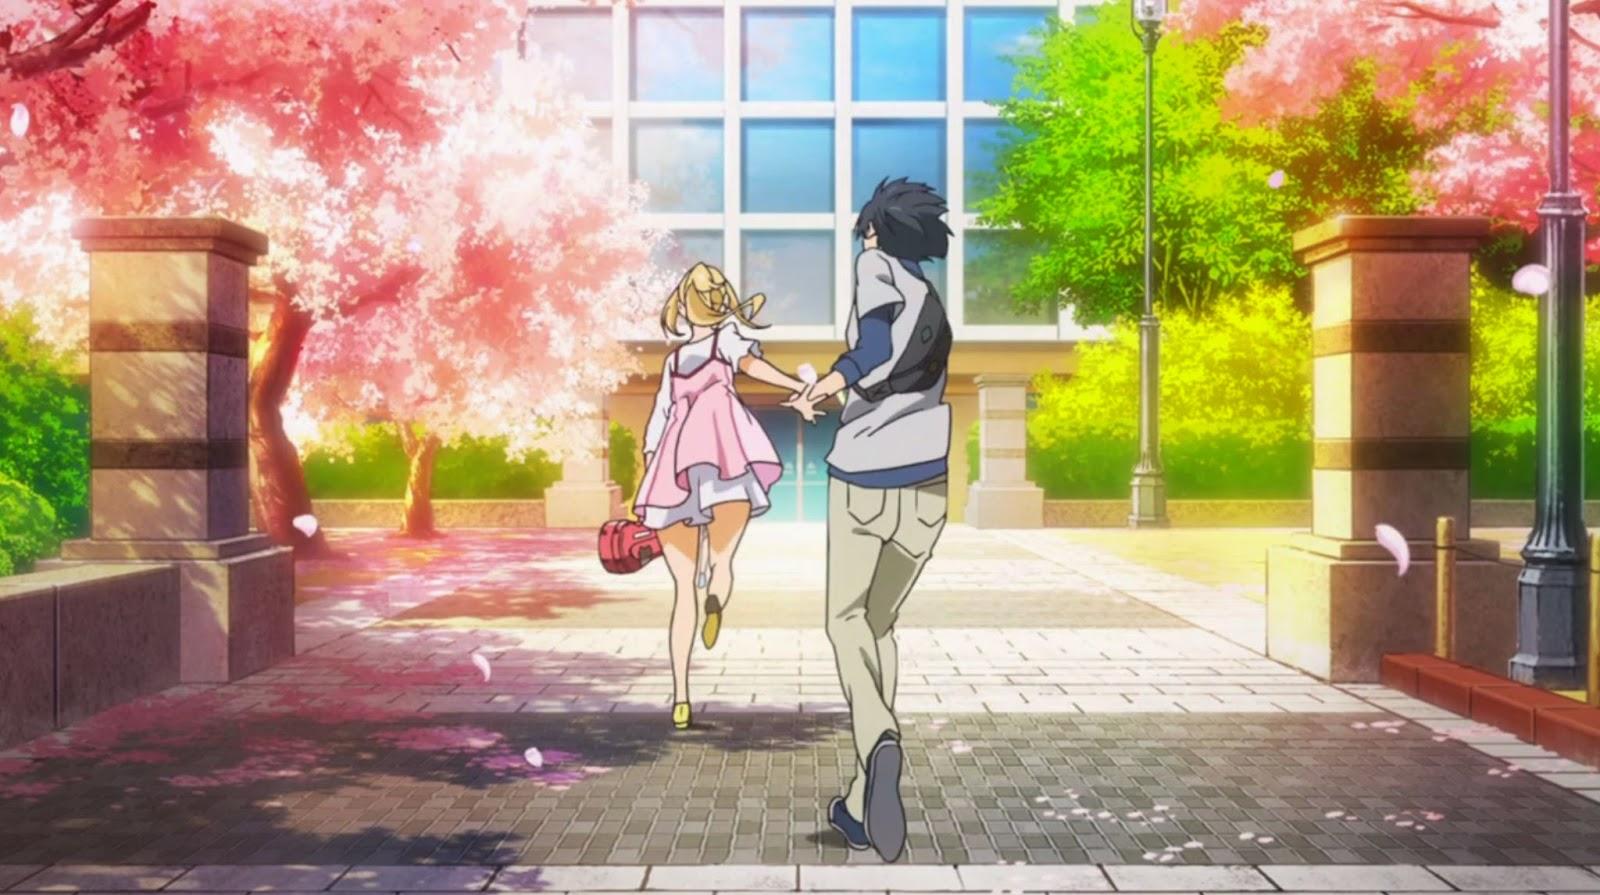 Shigatsu wa kimi no uso serie 03 completa subtitulada en espantildeol - 2 8